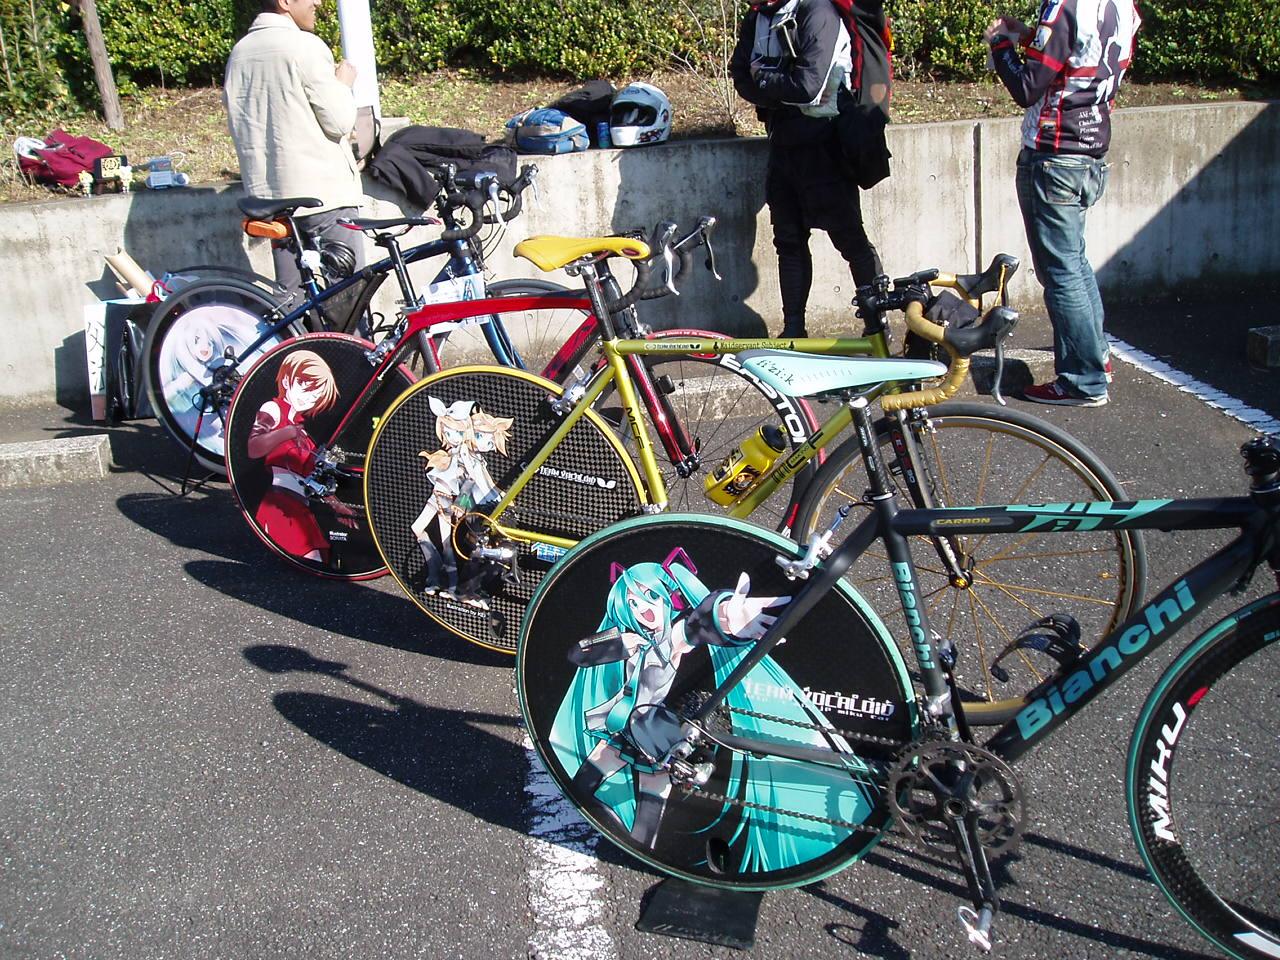 自転車の 自転車 スポーク : ... スポークがない自転車「Loopwheel